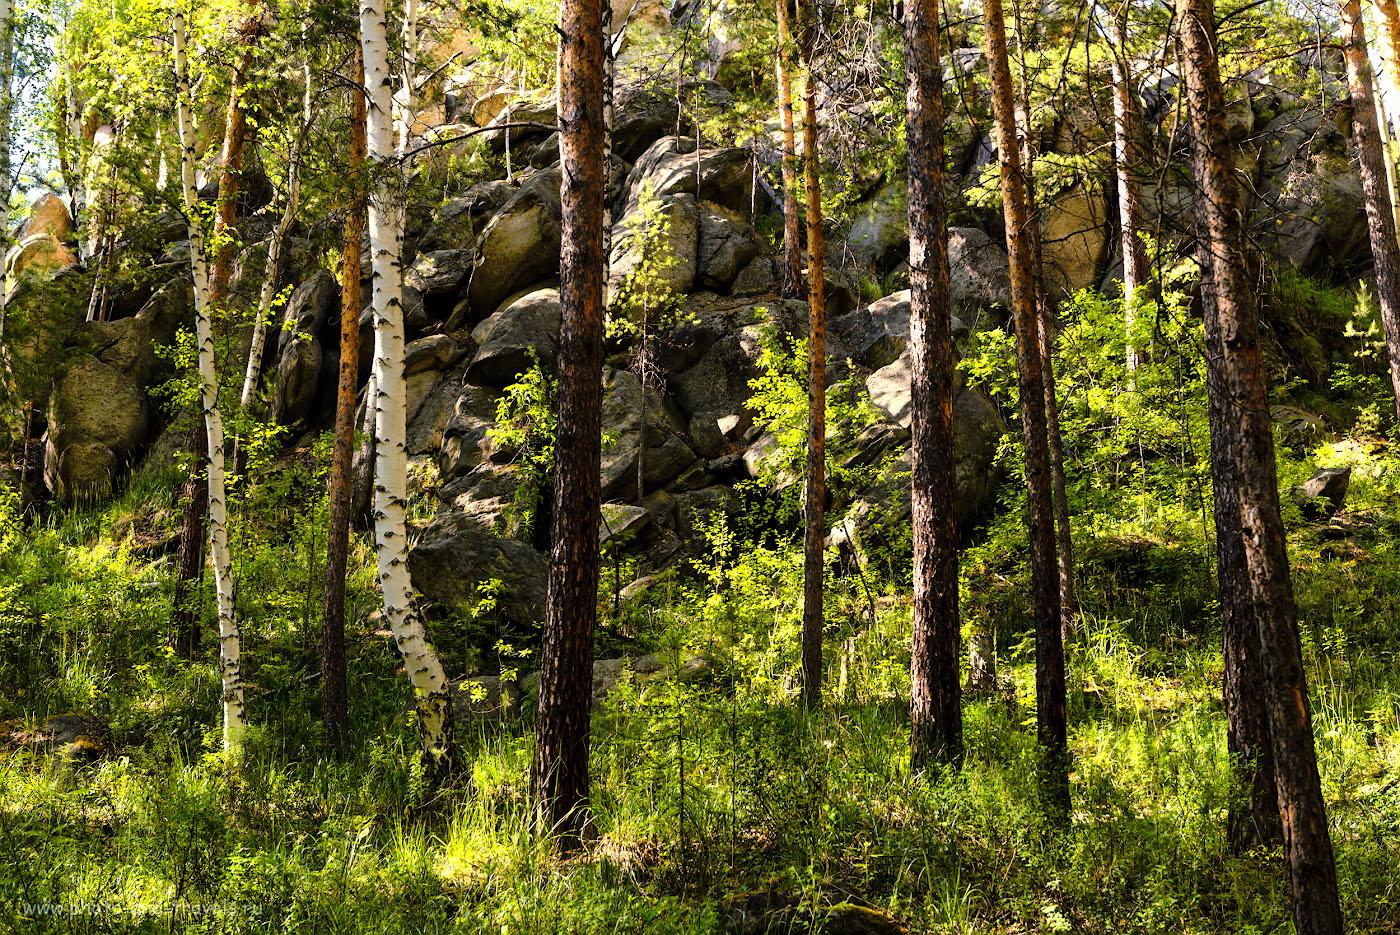 Фотография 26. Кырманские скалы. 1/100, -1.33, 8.0, 400, 48.